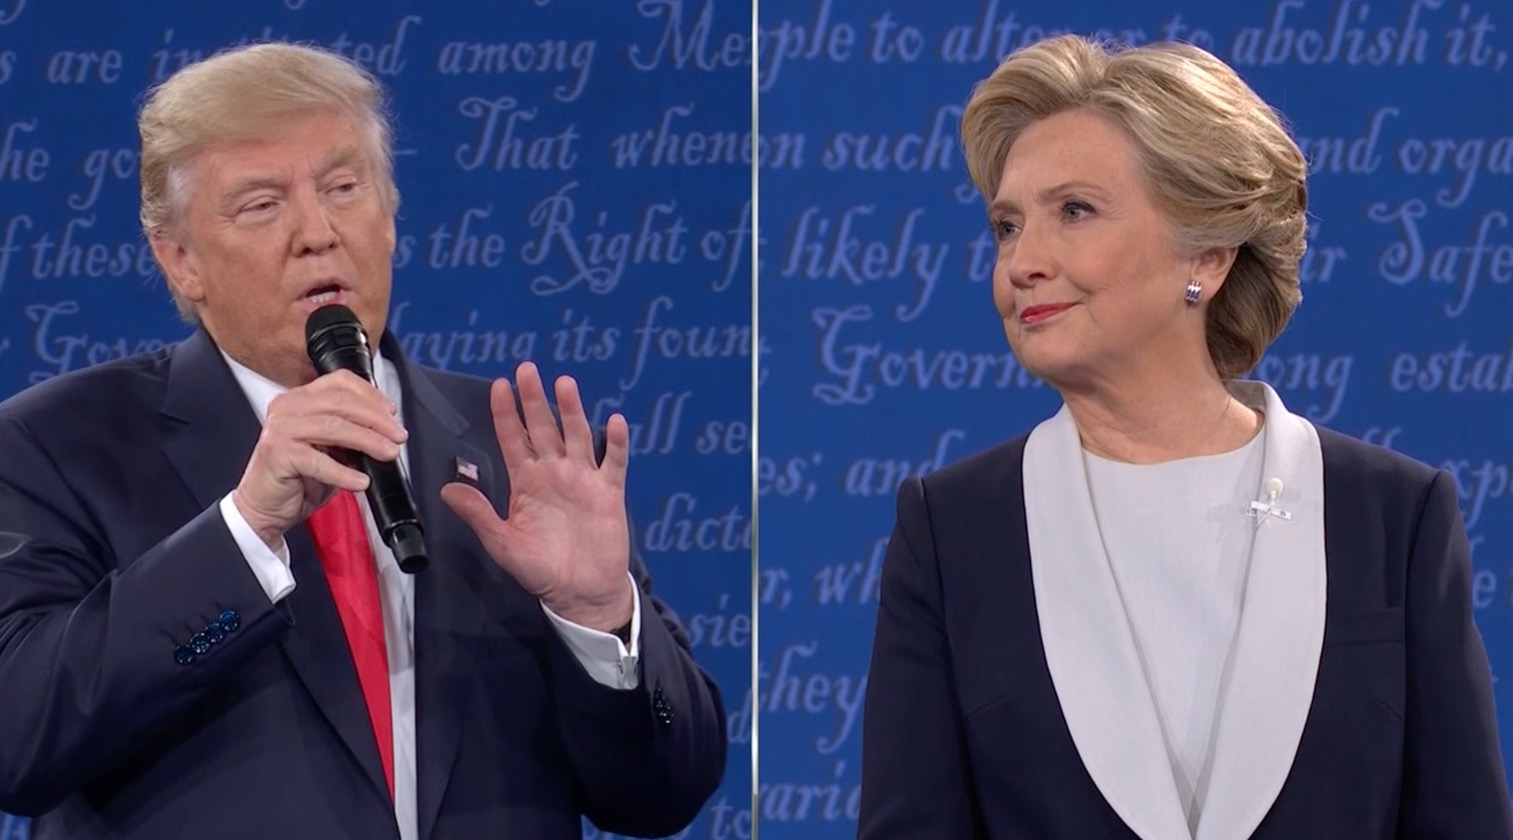 لحظات طريفة لترامب وكلينتون بانتخابات أمريكا